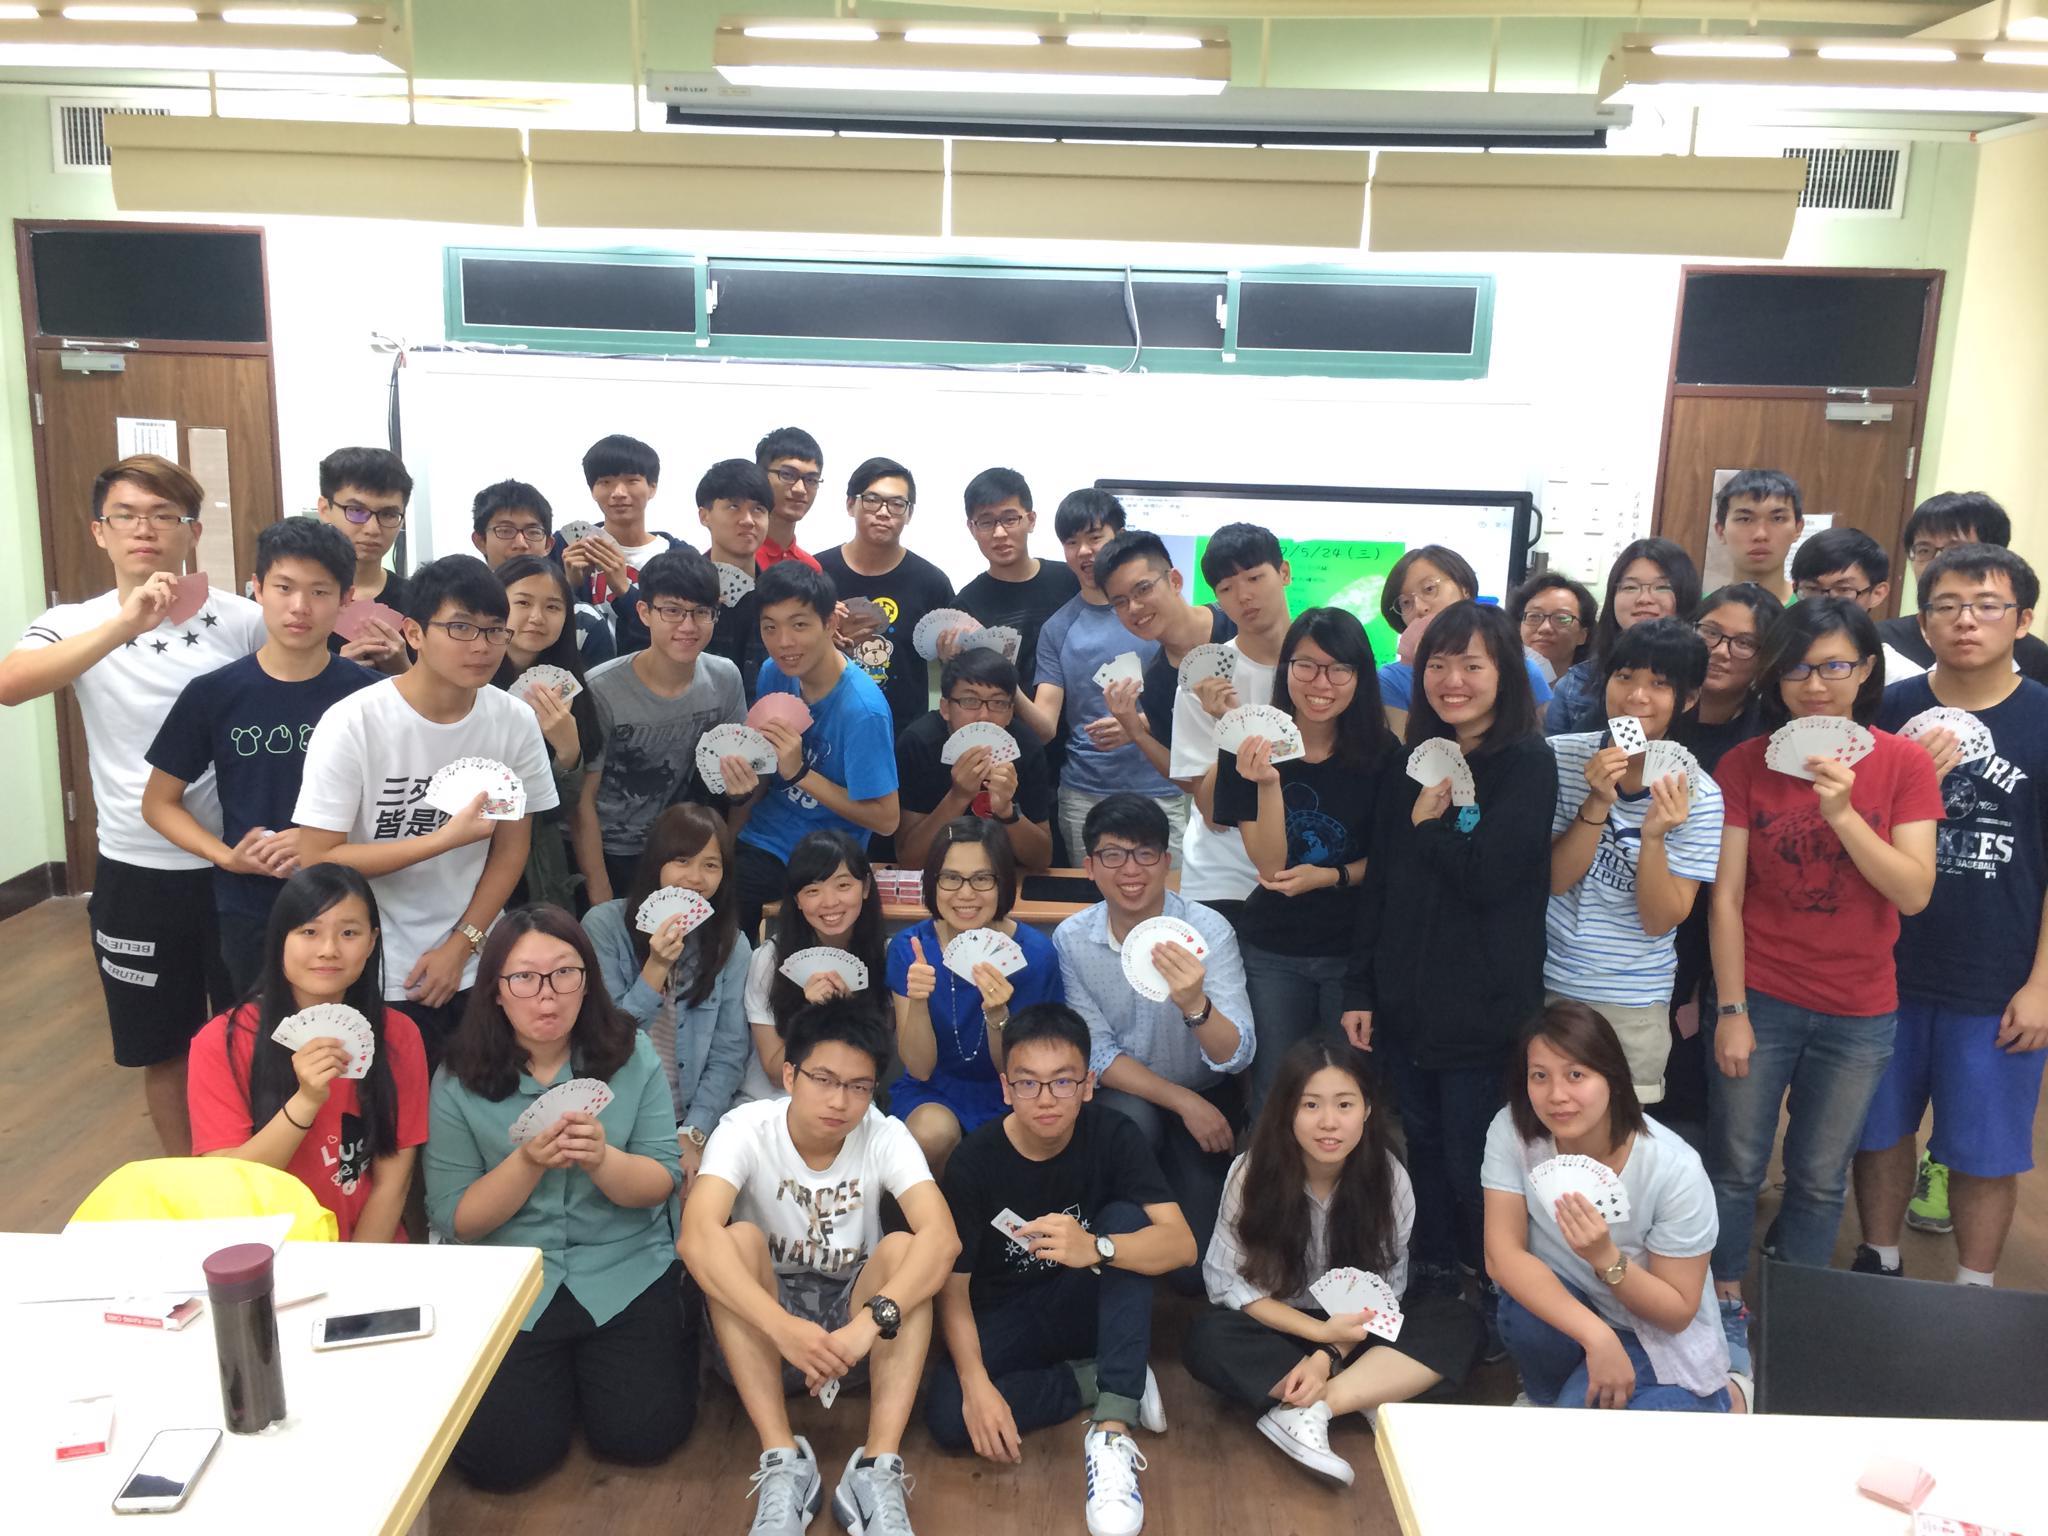 中原大學創意魔「數」工作坊   為學生打造一堂魔幻數學課